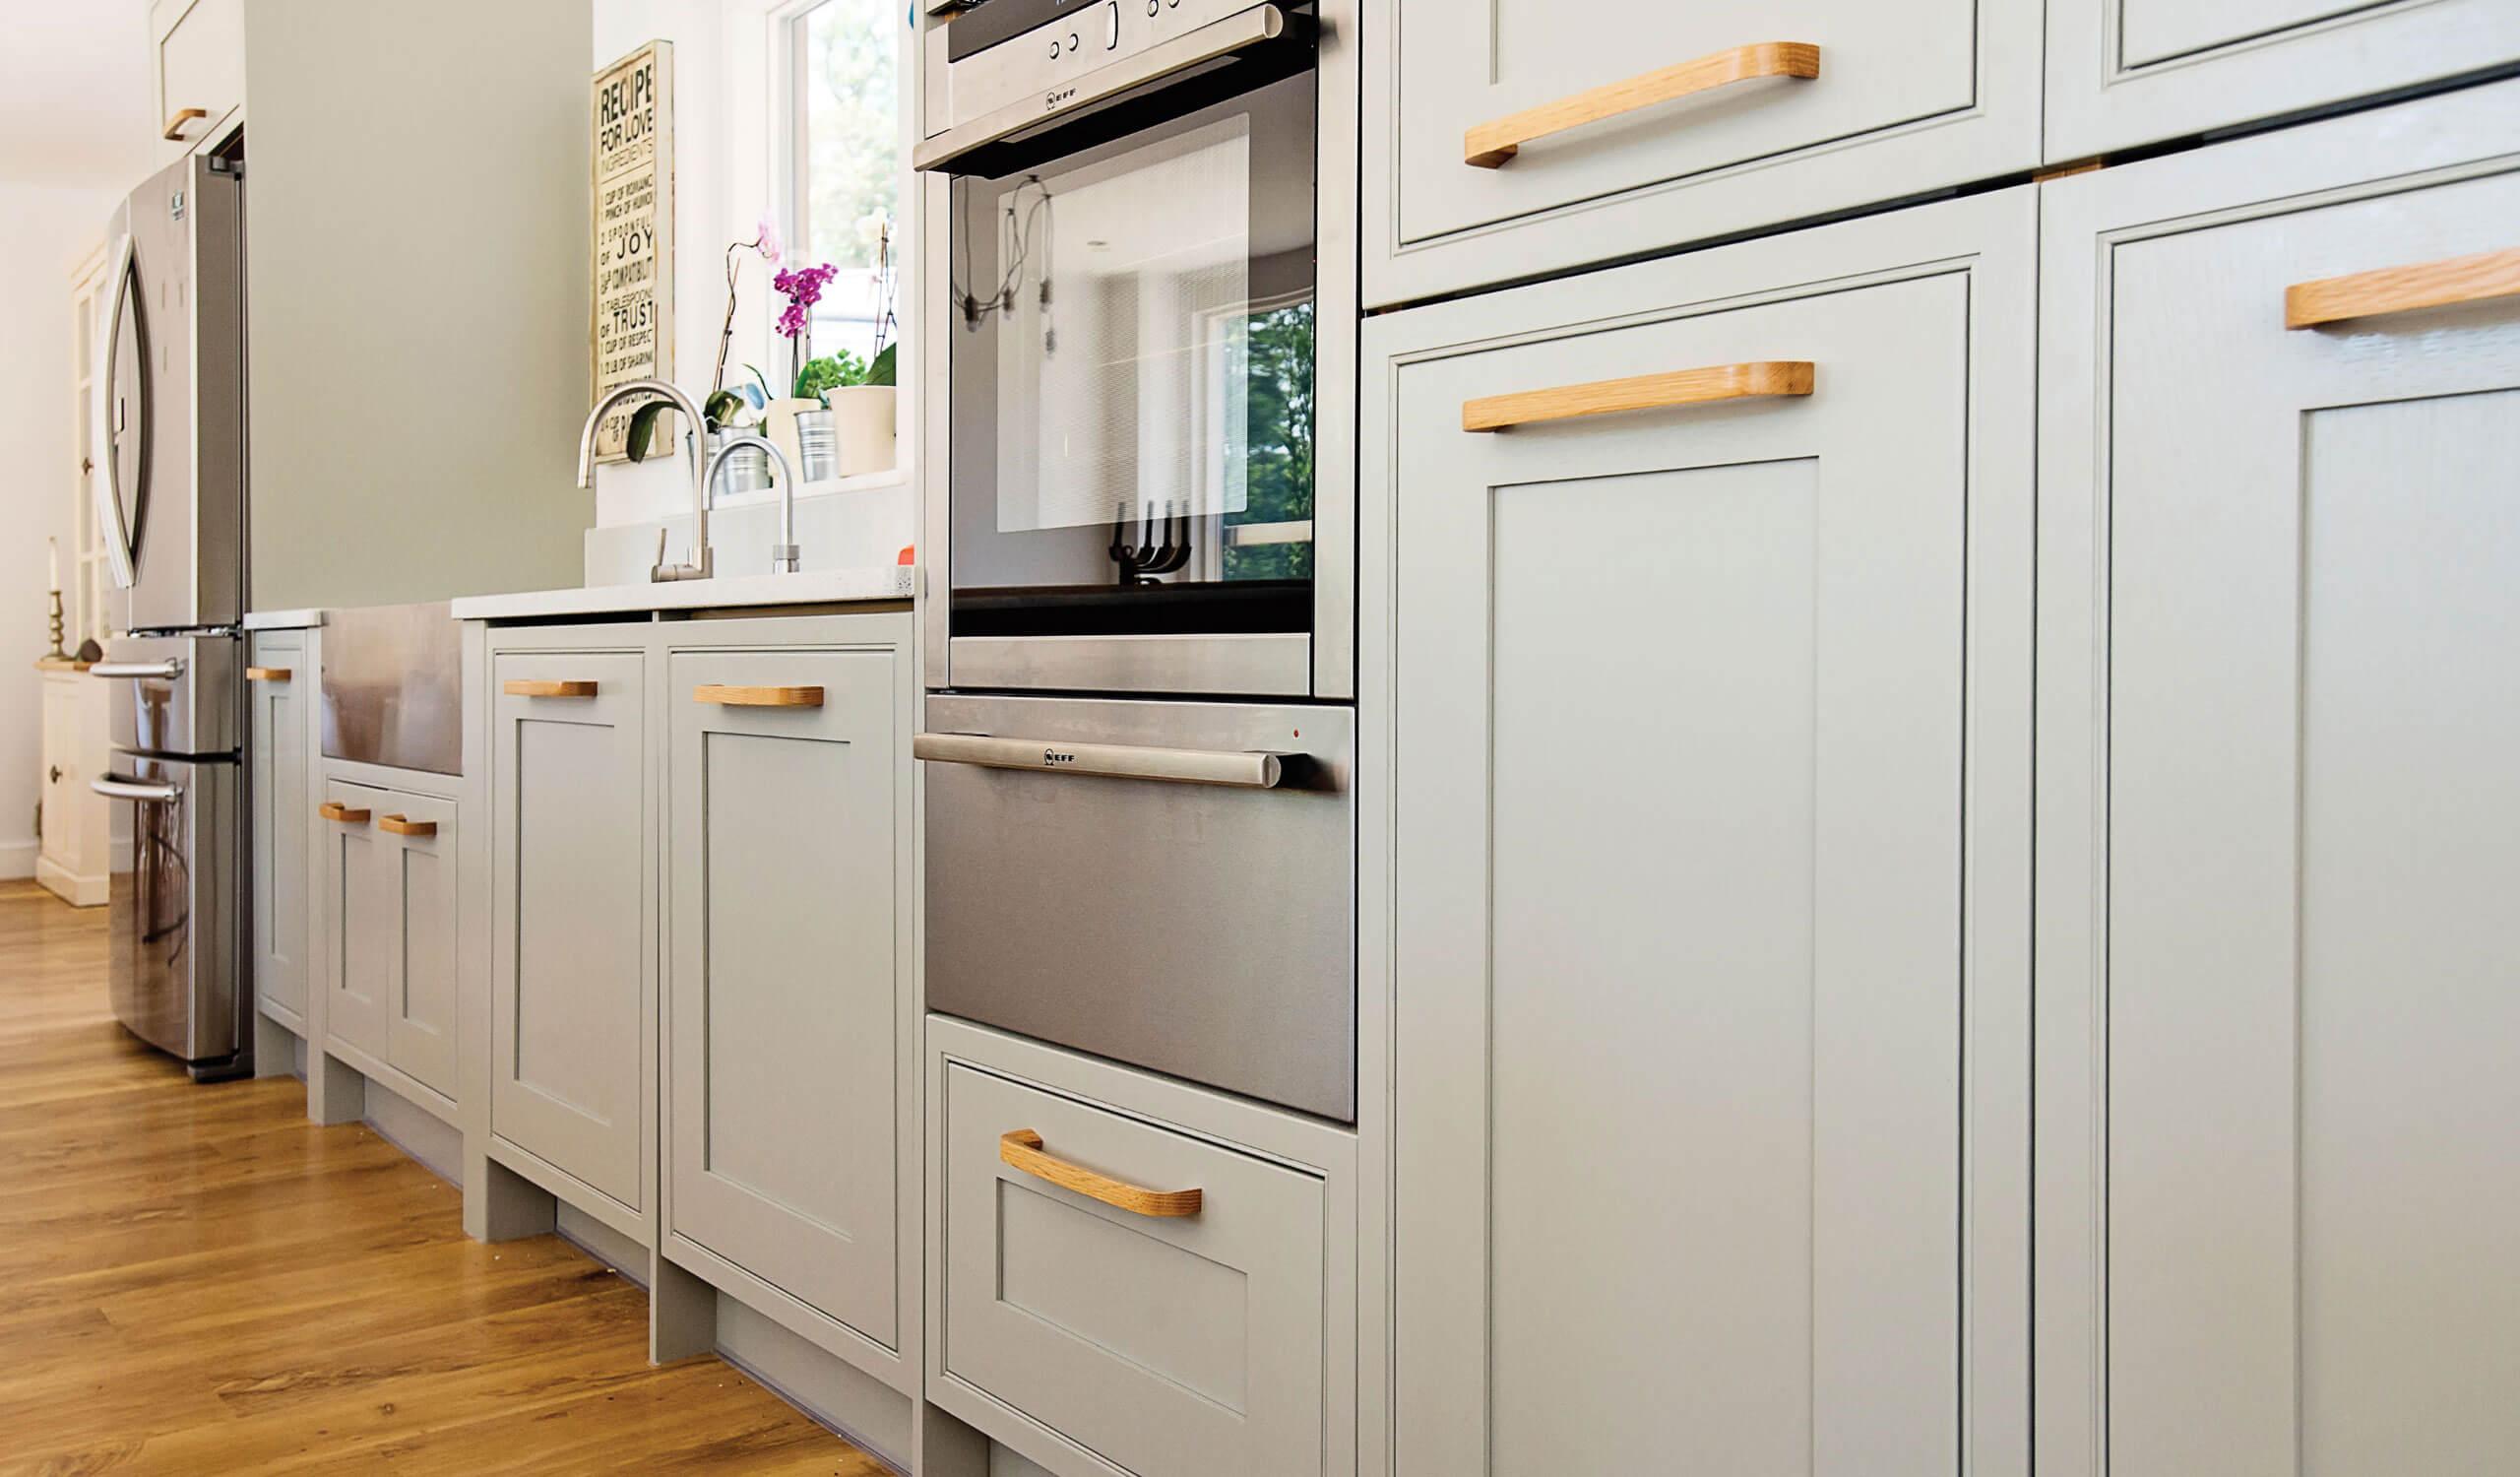 Cuckfield Kitchen Design